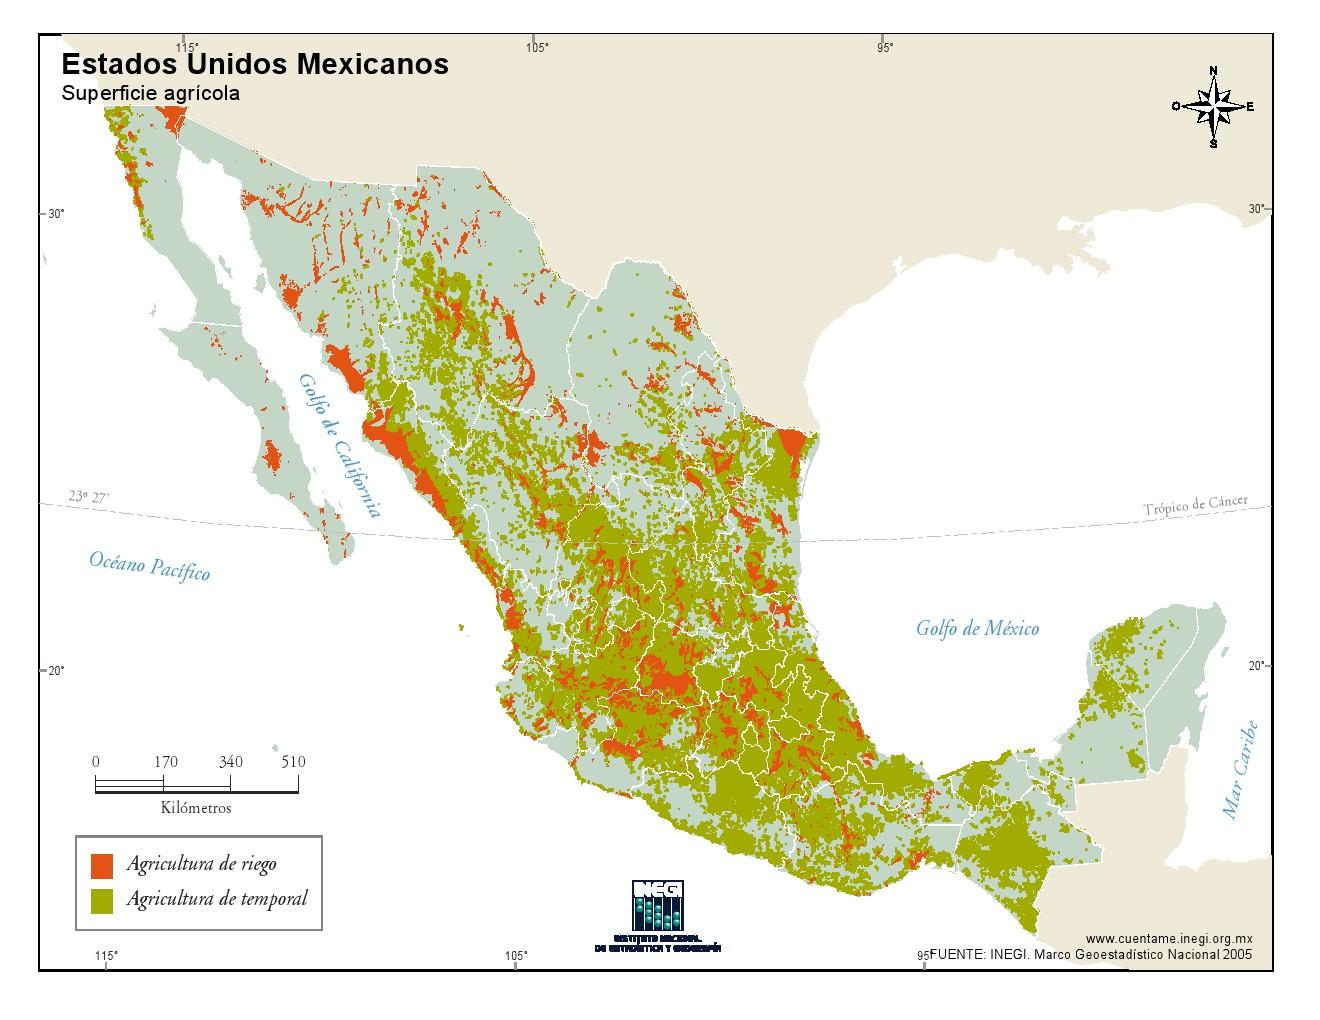 Mapa de superficie agrícola de México. INEGI de México